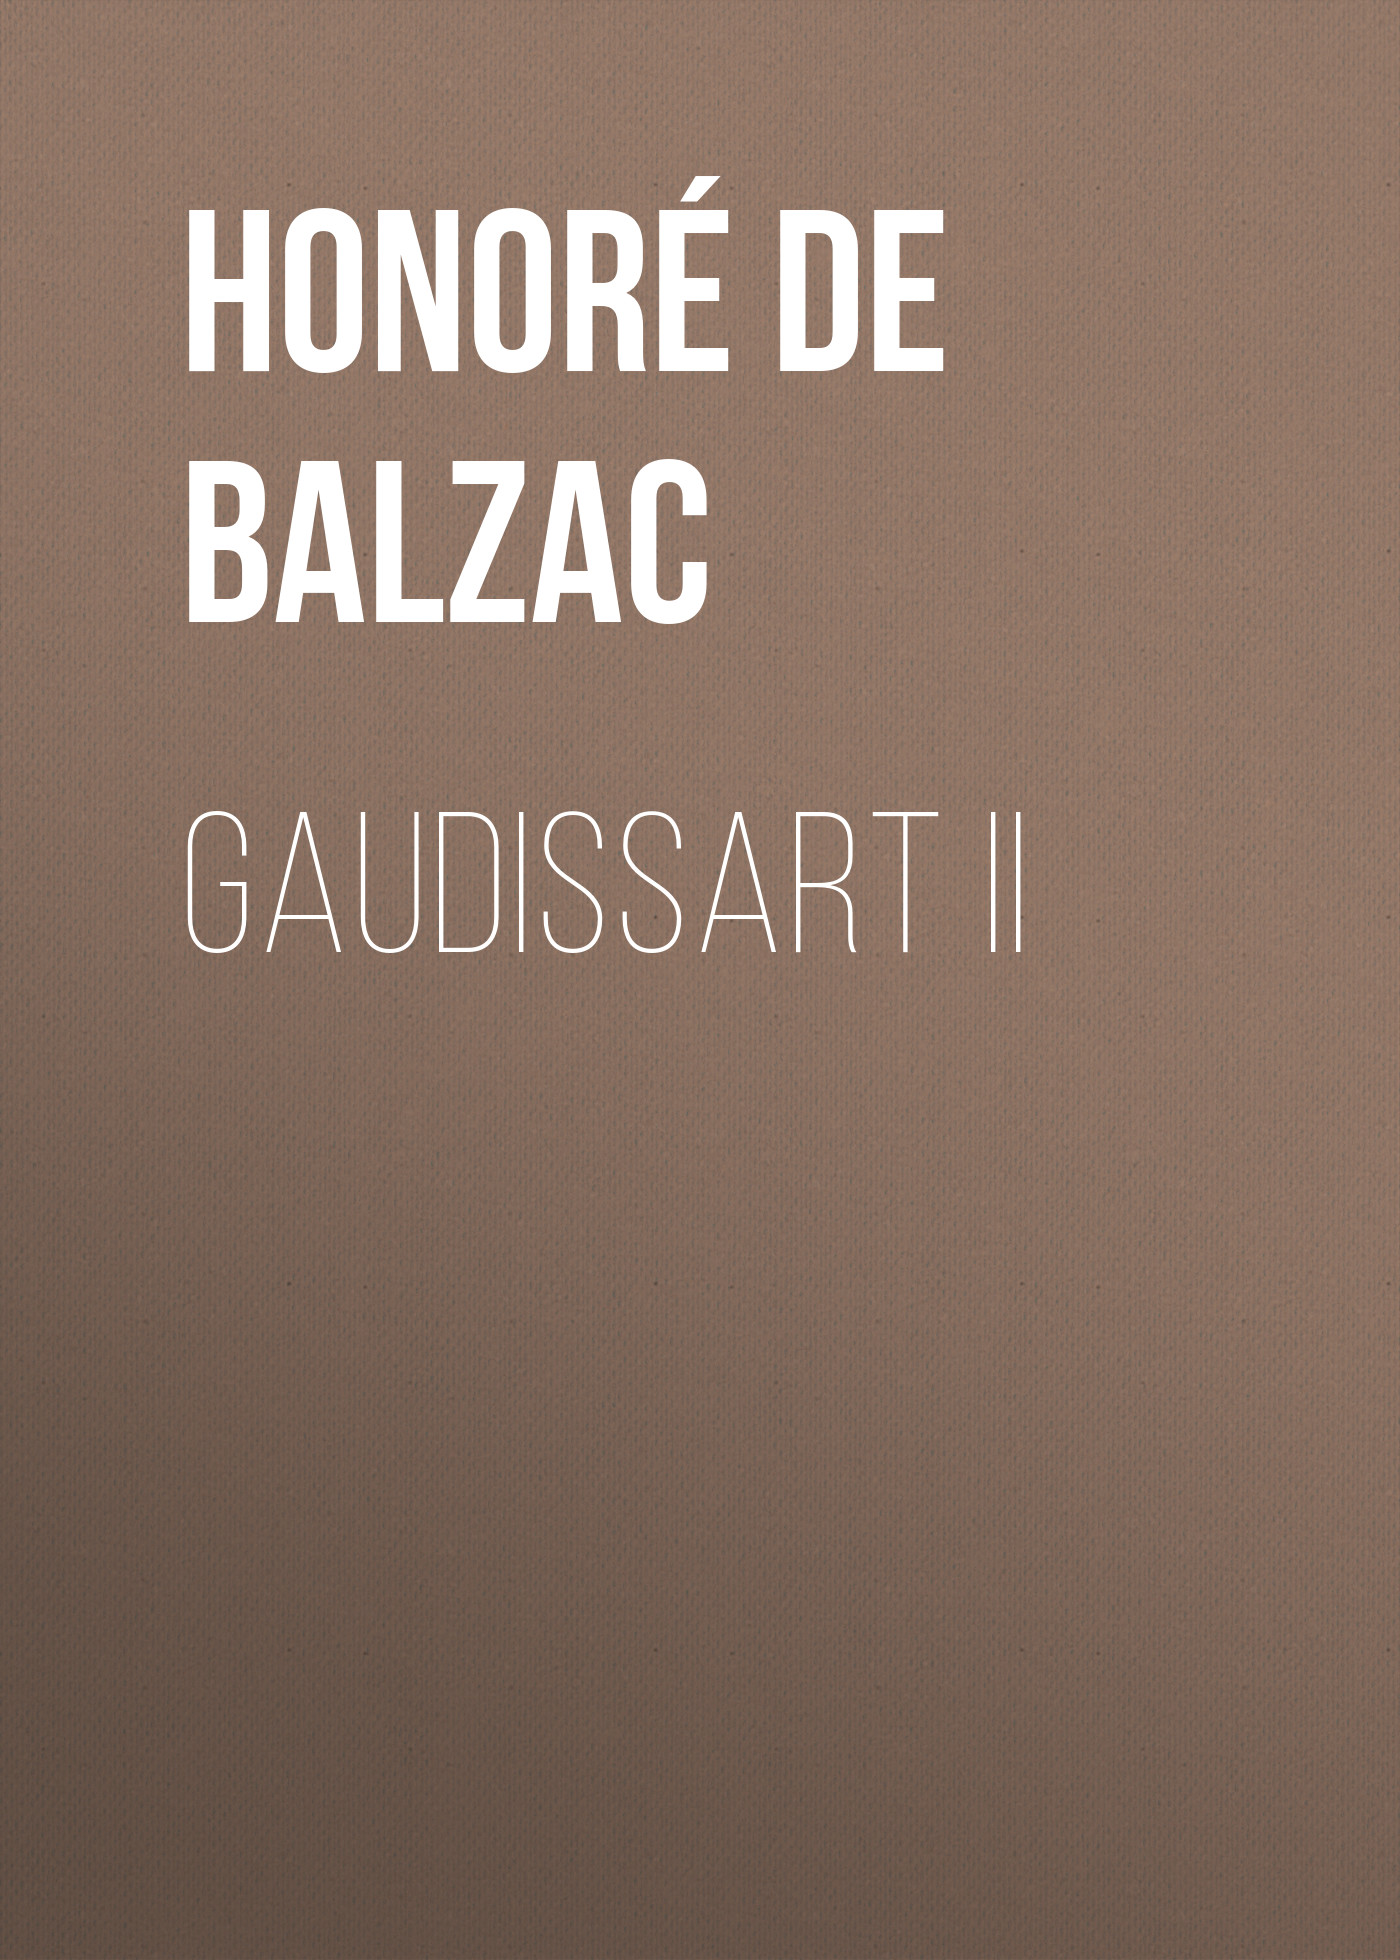 Оноре де Бальзак Gaudissart II кухонная мойка blanco claron 8s if а чаша справа нерж сталь зеркальная полировка 521651